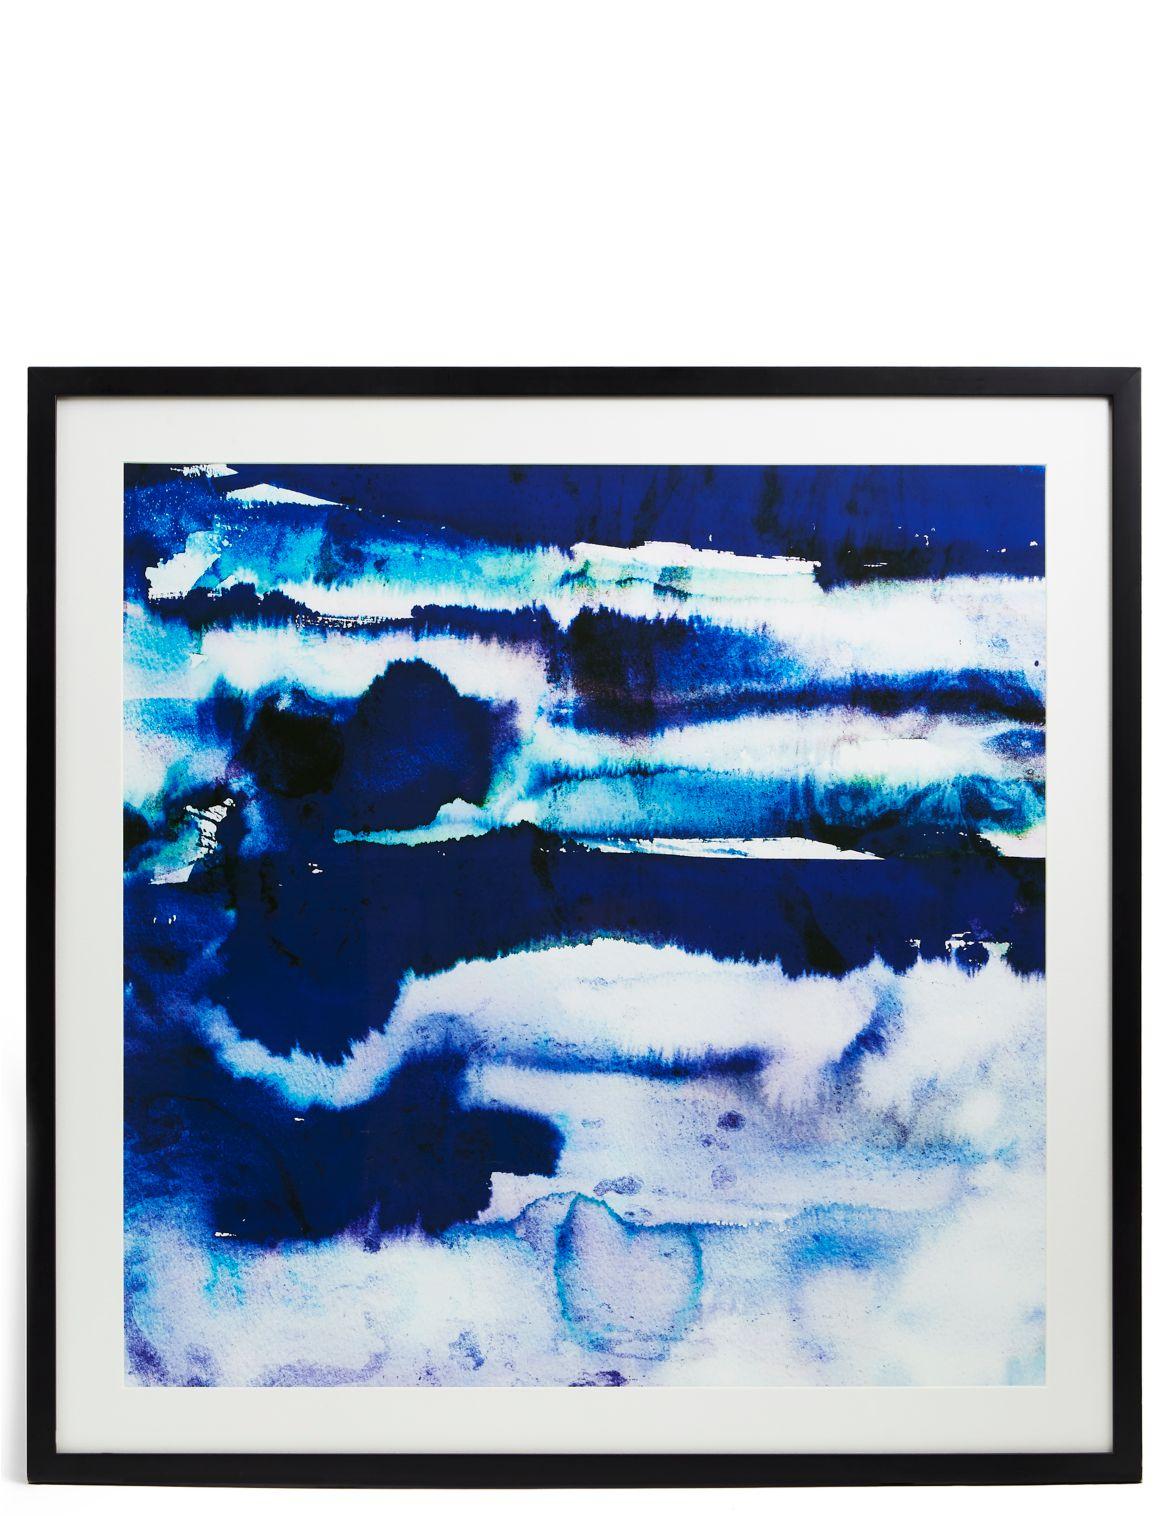 D??coration murale Santorini par Amy Sia. DimensionsHauteur:83 cm;Largeur:83 cm;Profondeur:2.5 cm;Fiche produitUne image magnifique cr????e par Amy Si